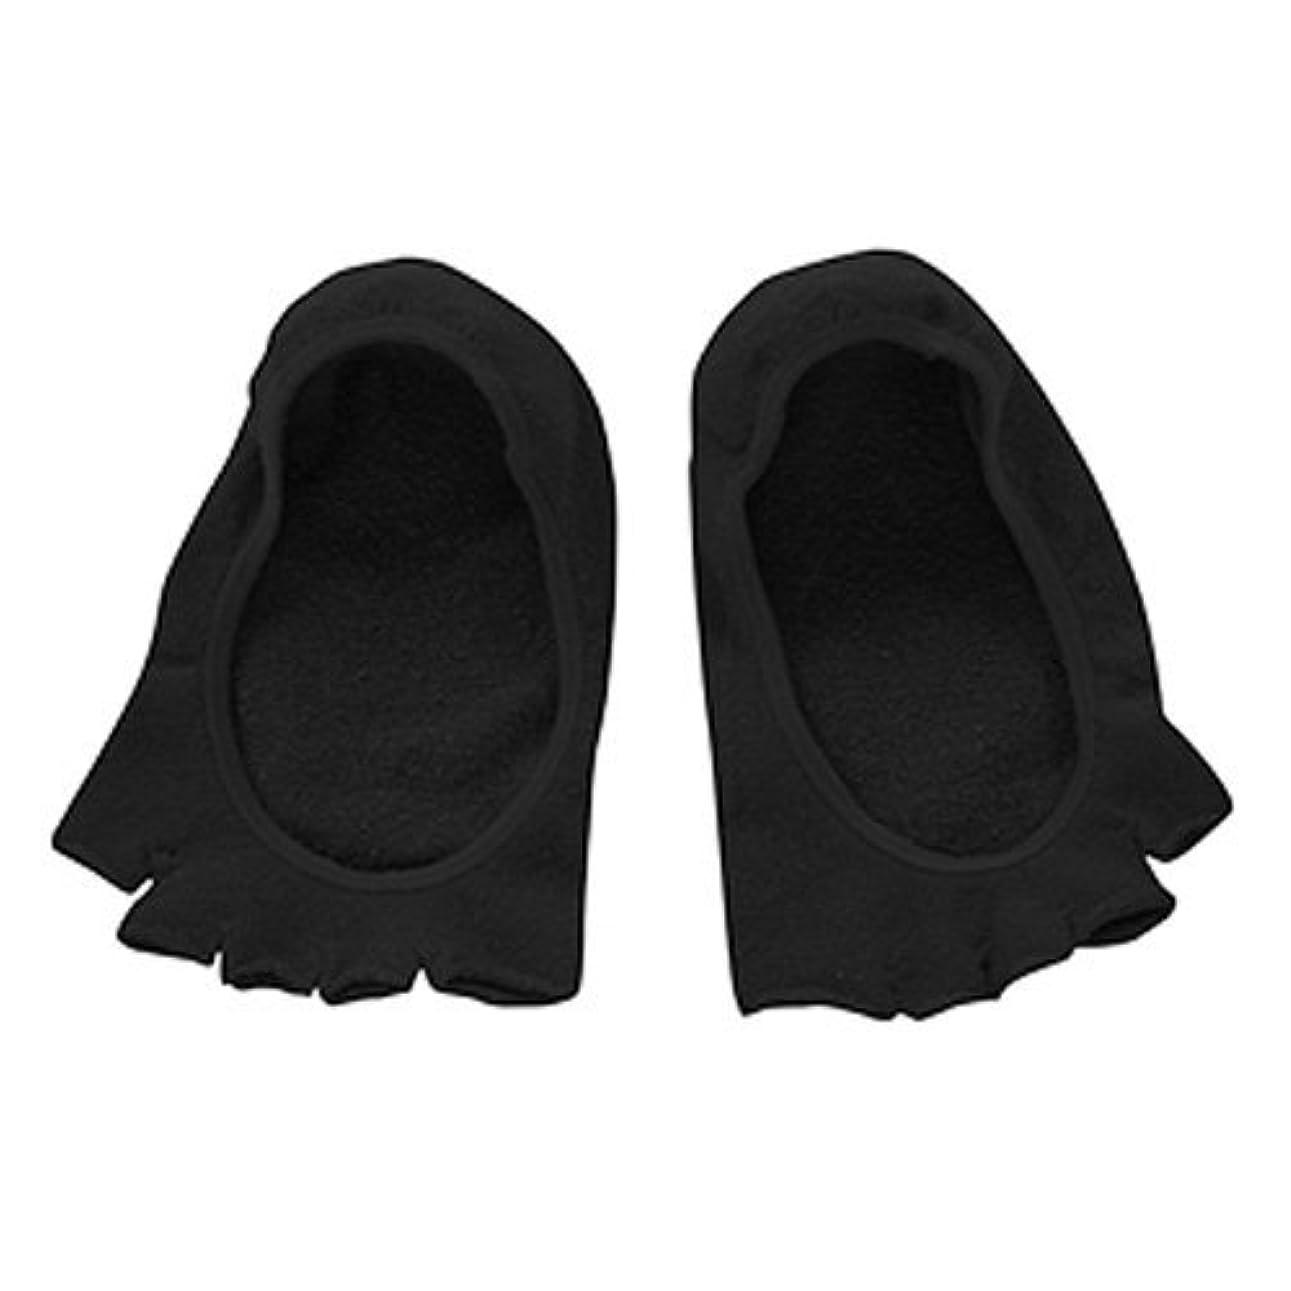 泣き叫ぶ待ってすきコクーンフィット 5本指オープントゥのフットカバー(かかとシリコン付き) ブラック